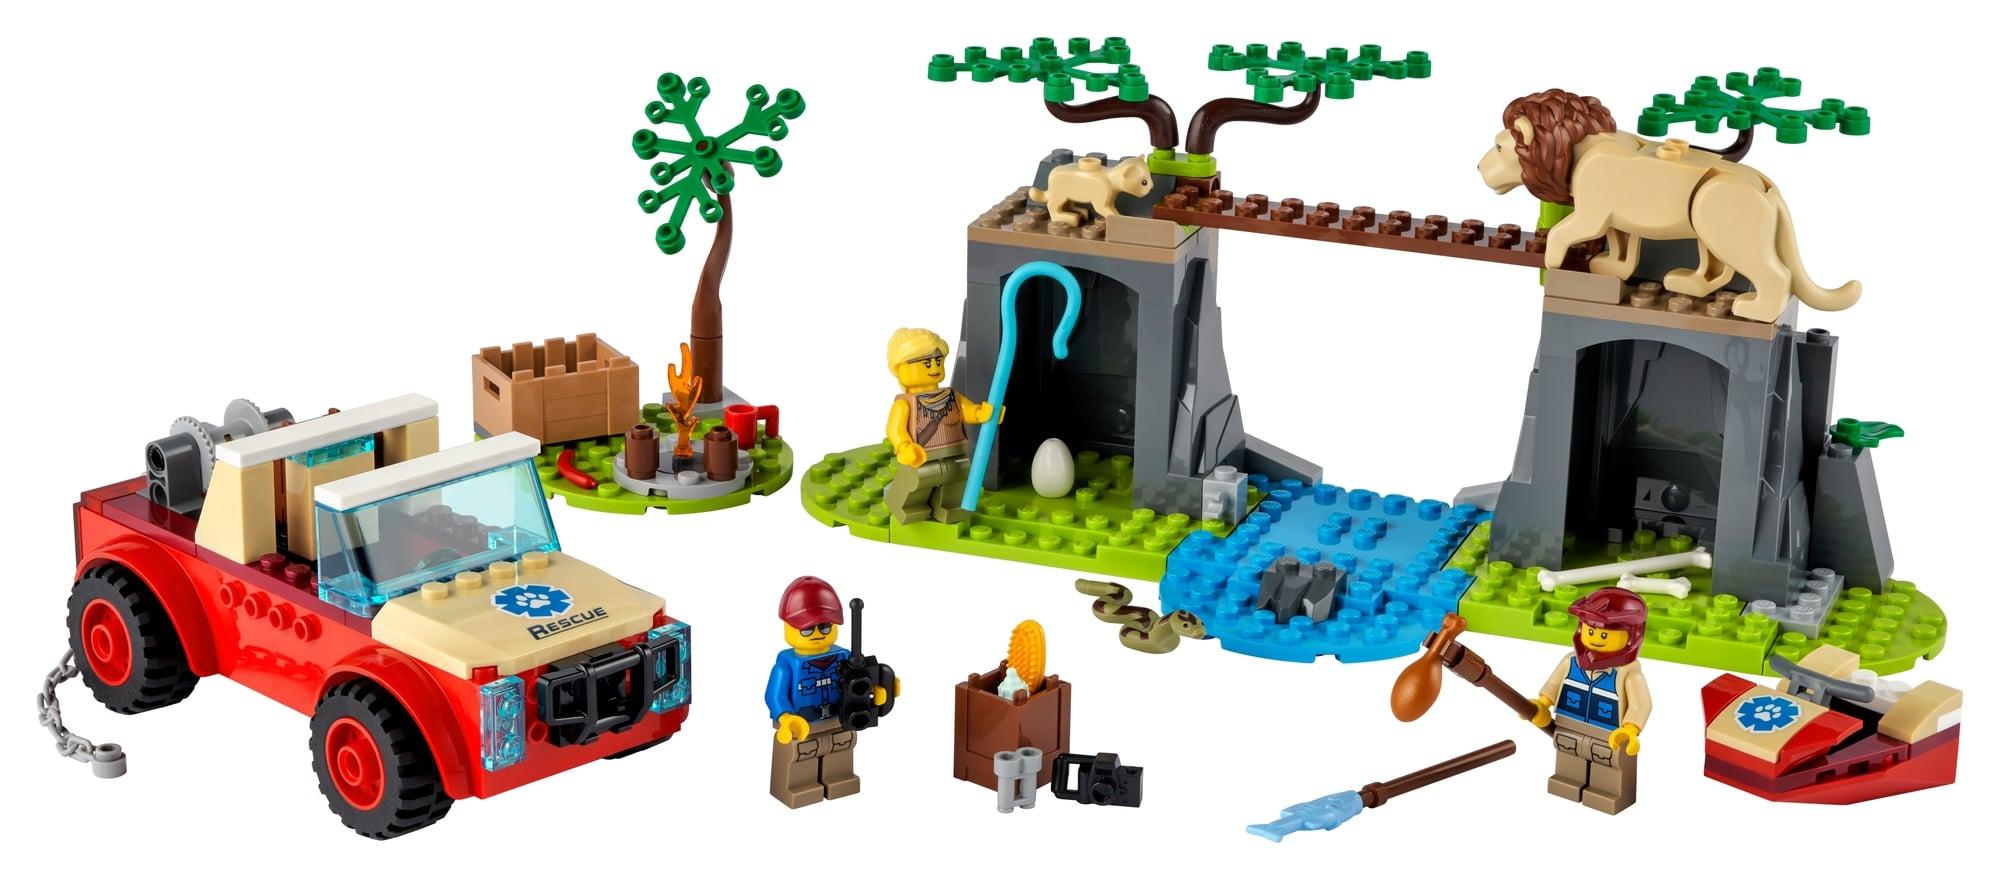 LEGO City 60301 Tierrettungs Geländewagen 1